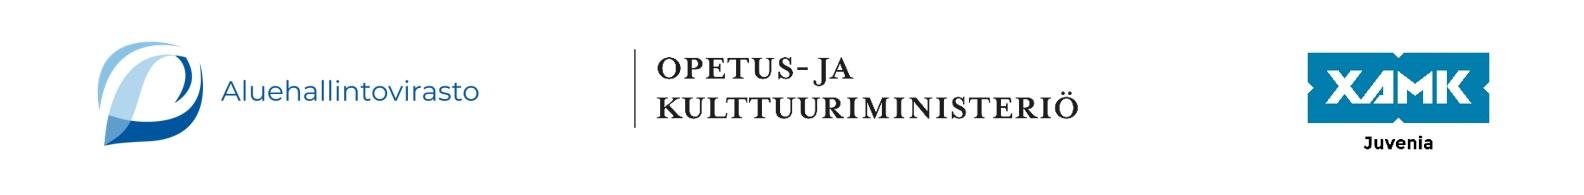 Aluehallintoviraston, Opetus- ja kulttuuriministeriön sekä Xamk/Juvenian logot